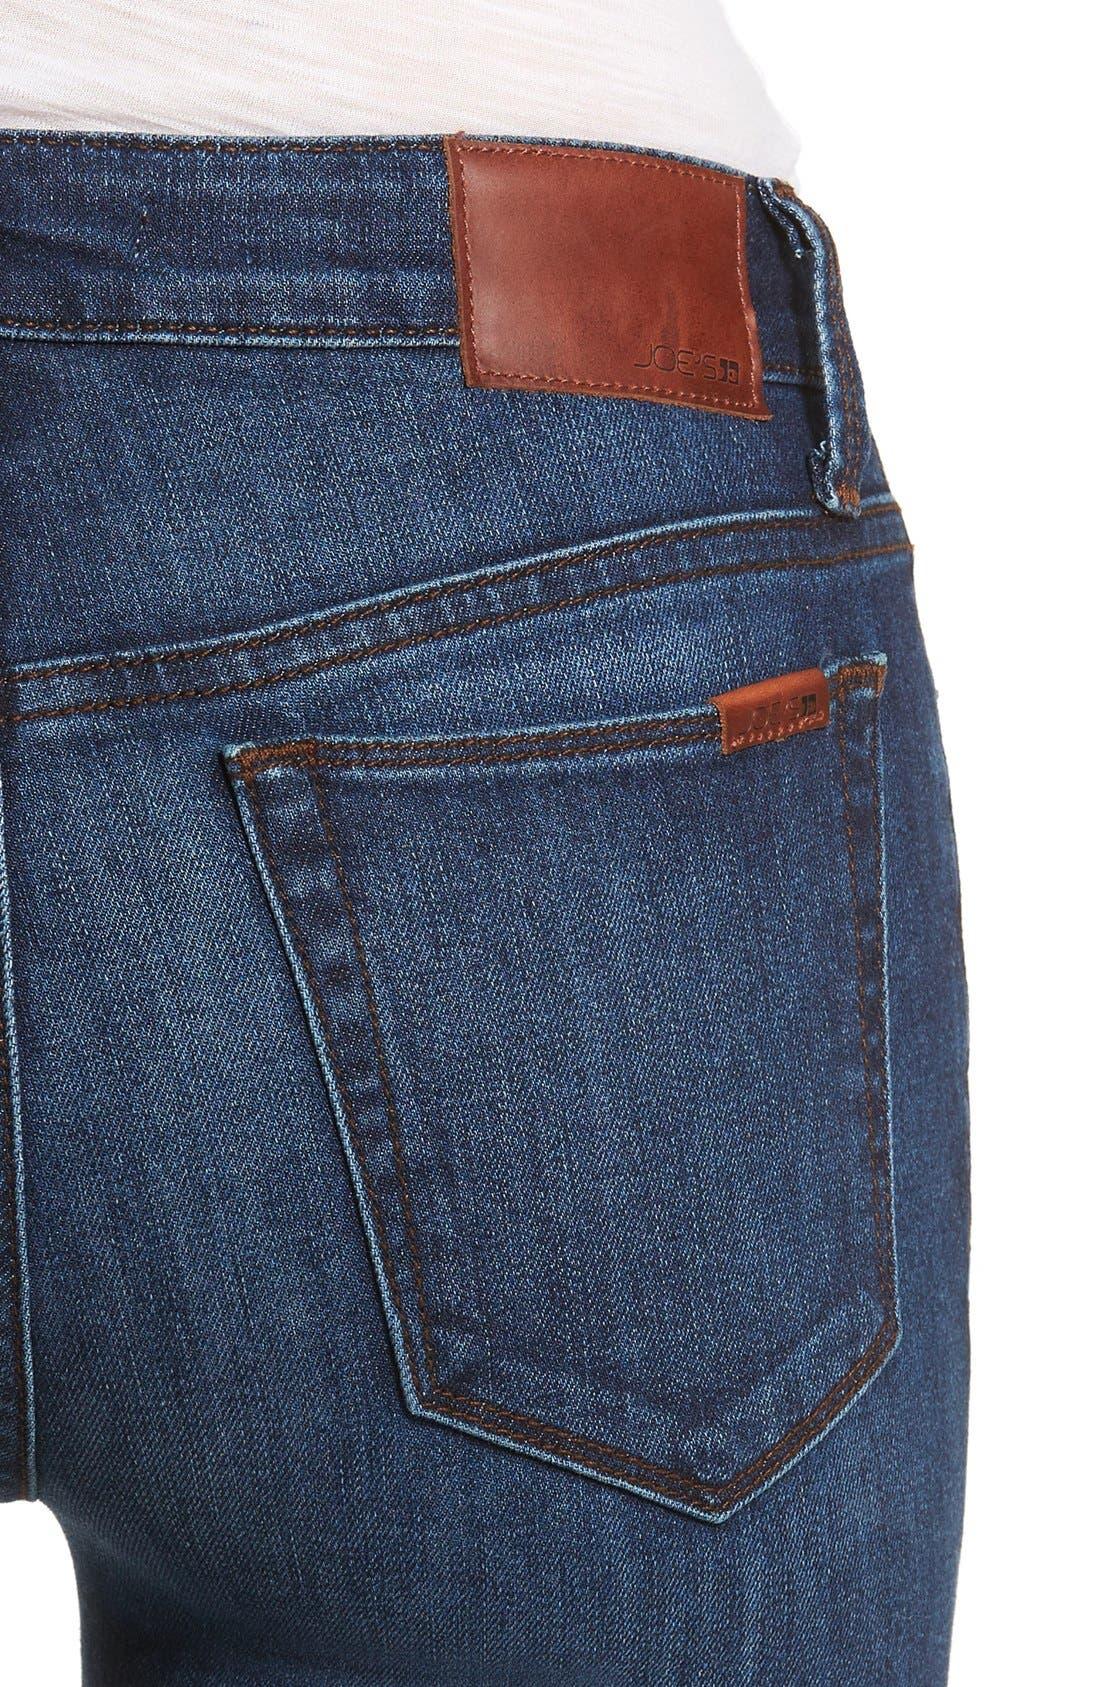 Honey Skinny Jeans,                             Alternate thumbnail 5, color,                             410